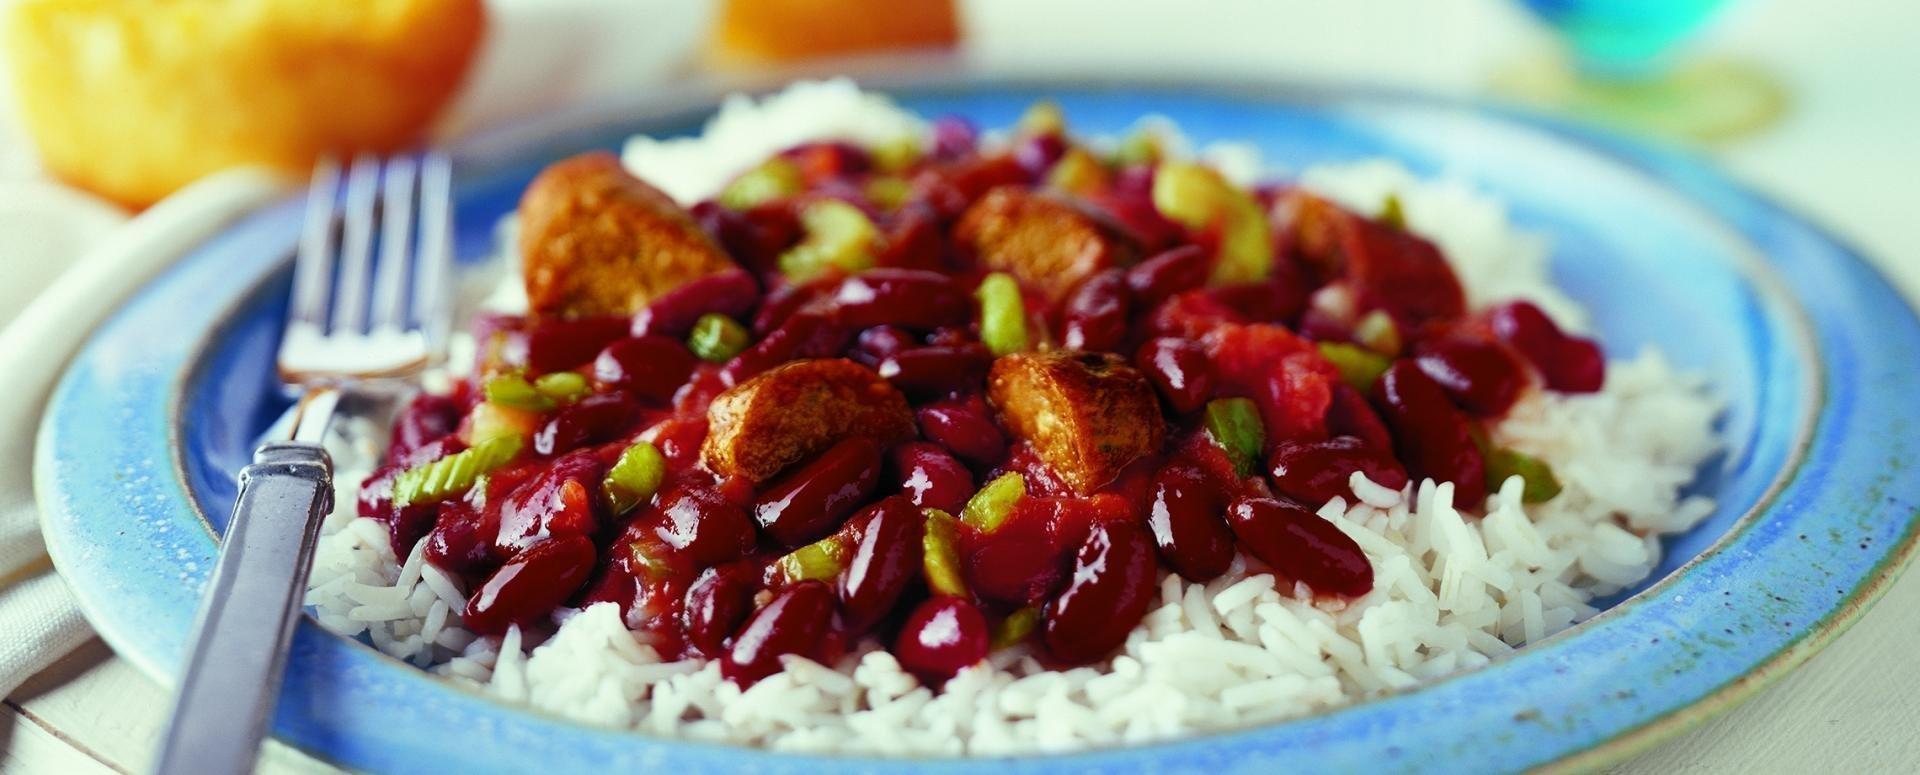 Блюдо из риса с фото